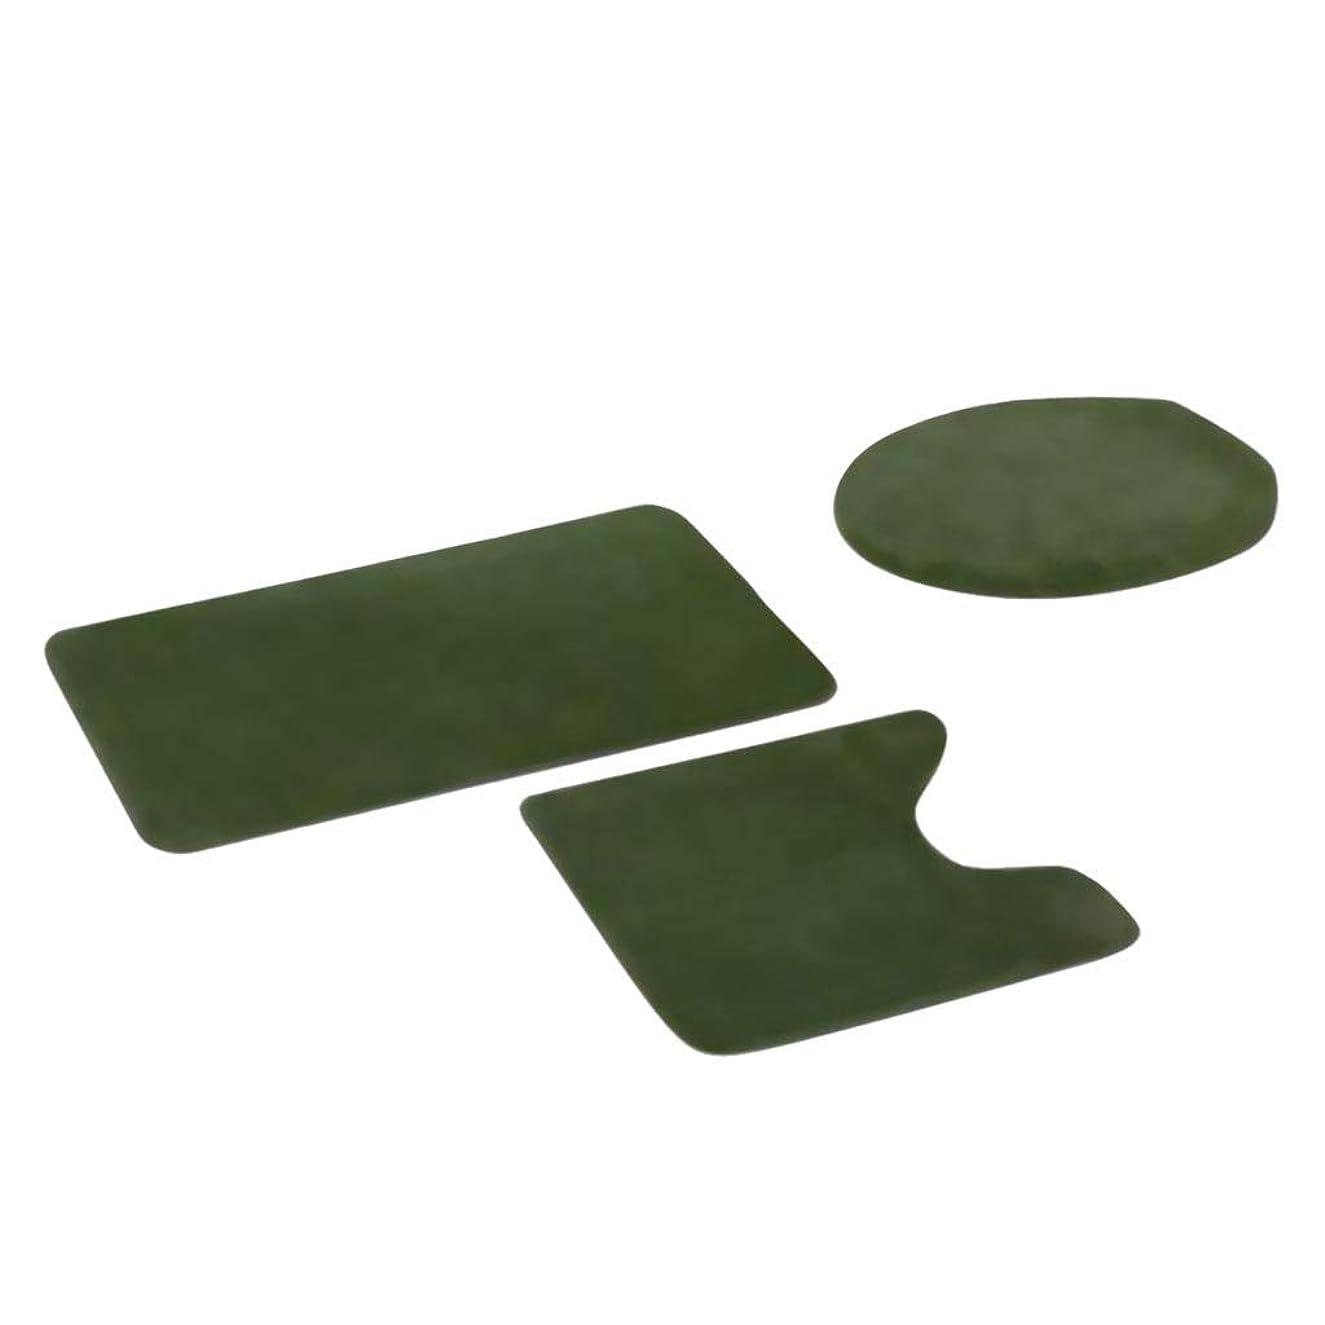 バスマットマットワイパーマルチカラードアマットマットワイプ速乾性抗菌ふわふわ丸いバスバスルームキッチン 速乾性が鋳型とダニを防止します 取り外し可能なスリップ (M)